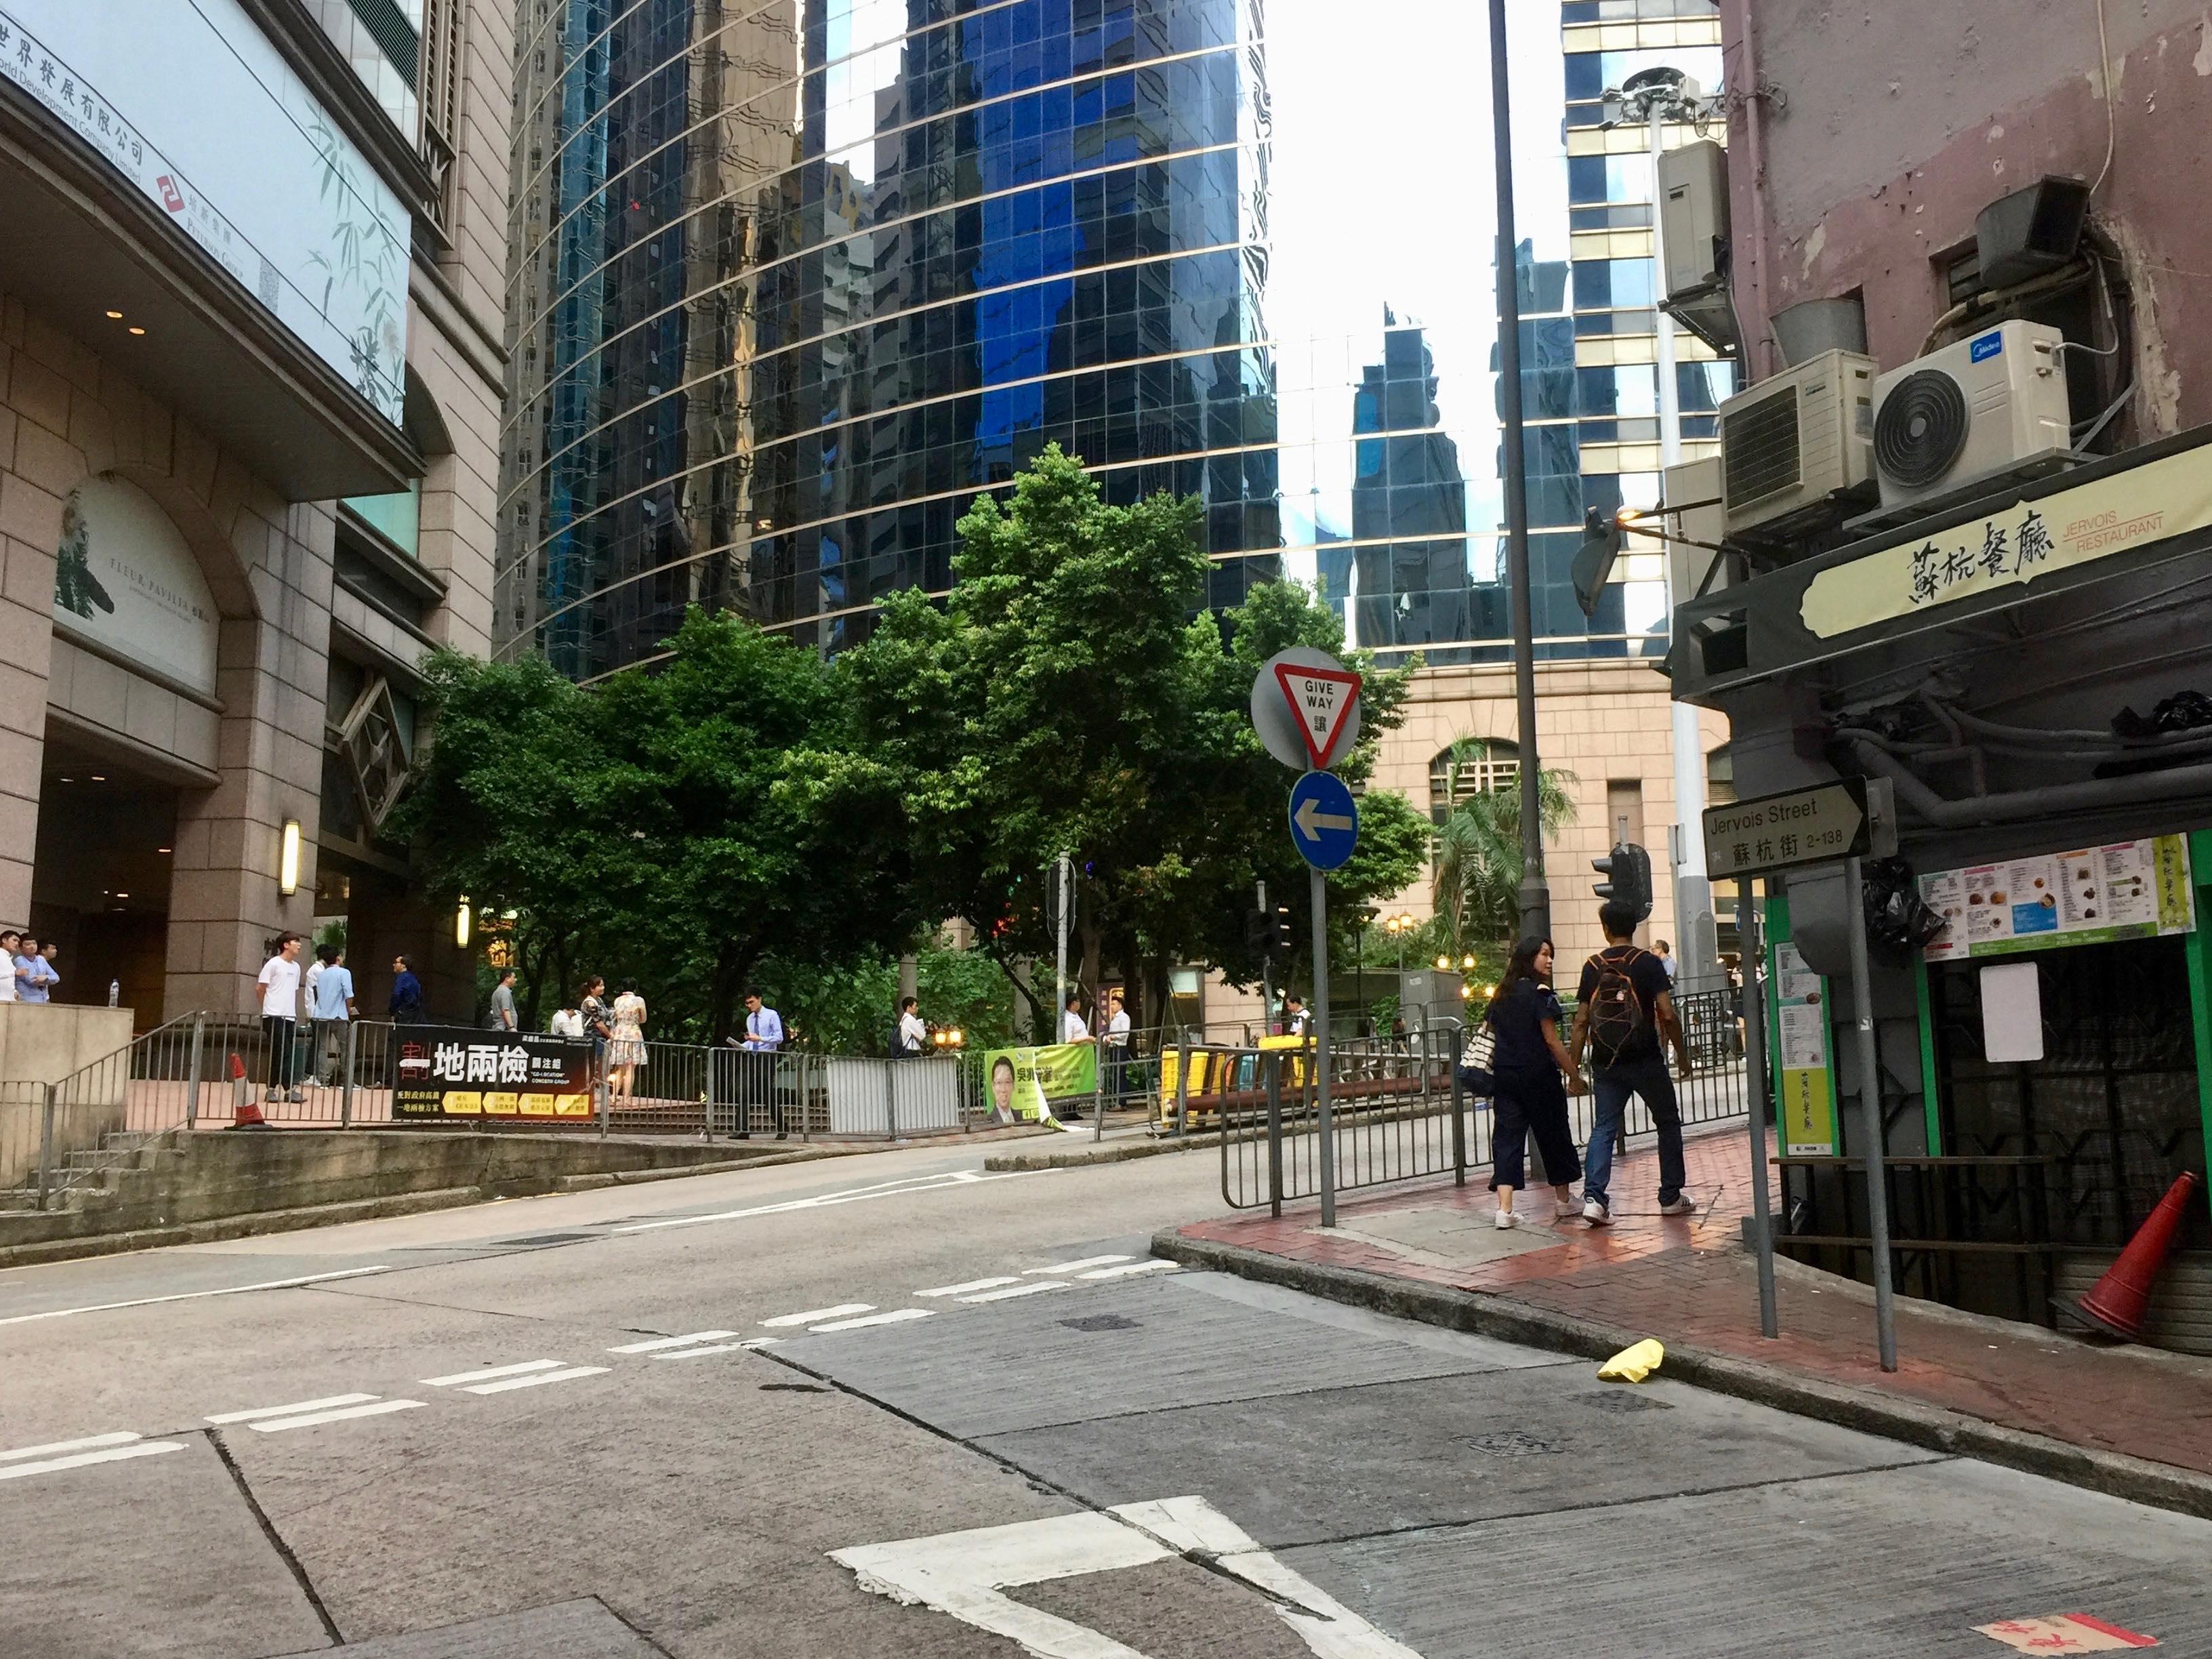 Jervois Street FB shop for rent in Sheung Wan, Hong Kong